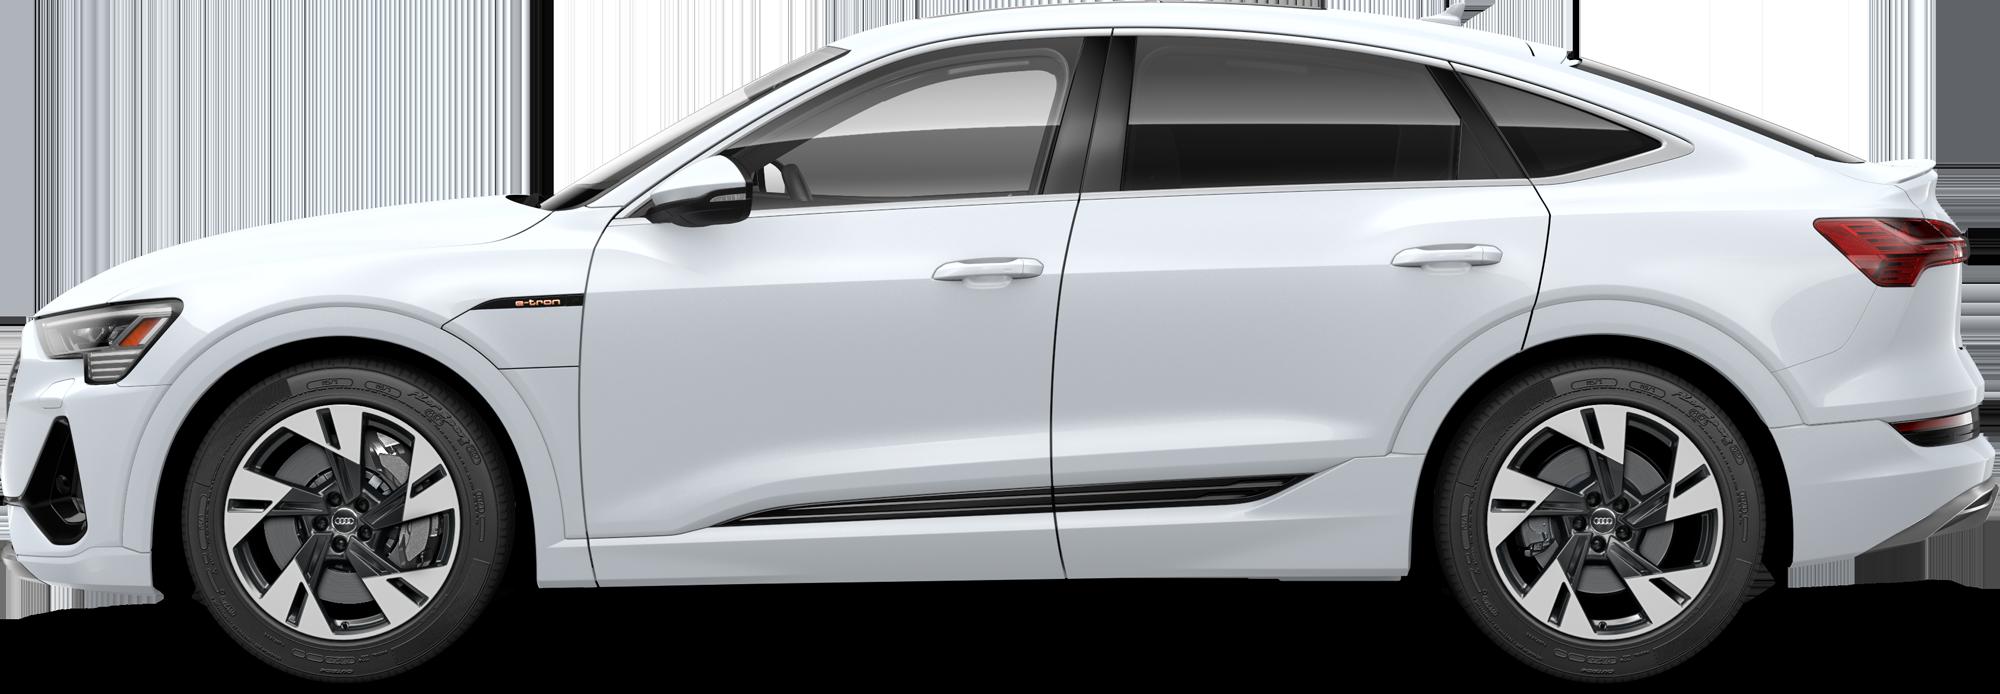 2021 Audi e-tron Sportback SUV Premium